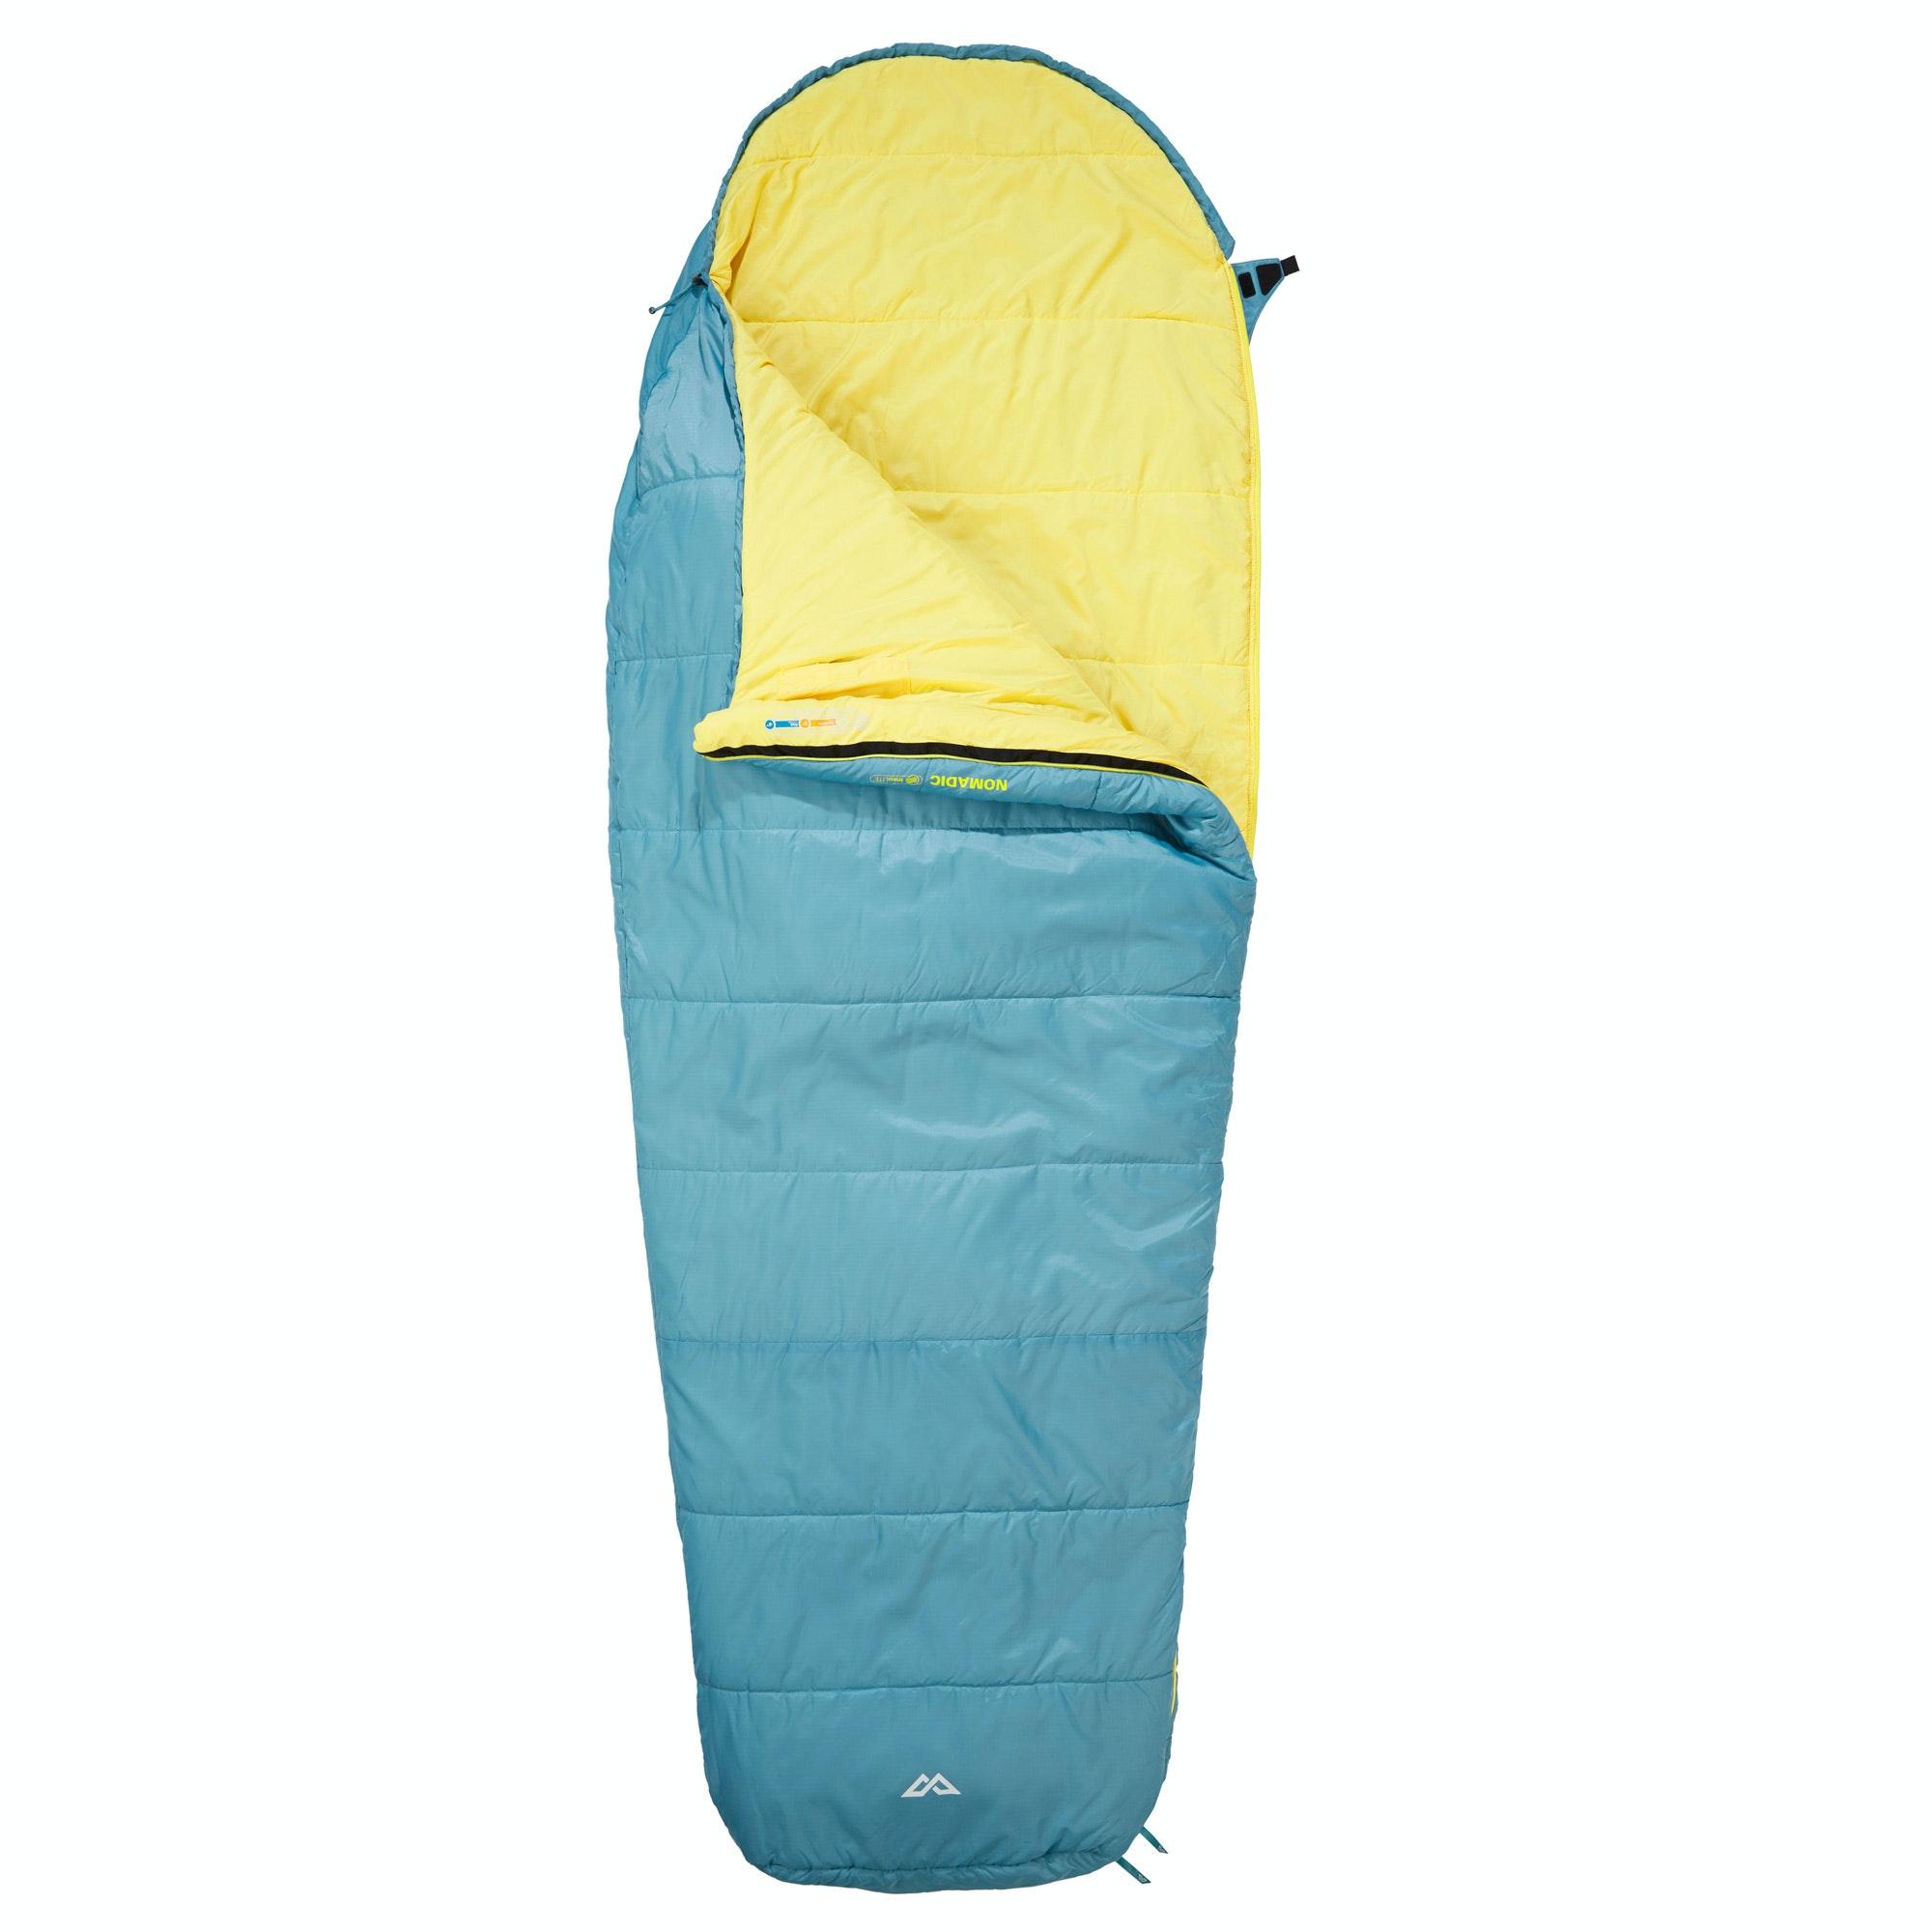 Nomadic insuLITE Sleeping Bag | Bear Grylls UK